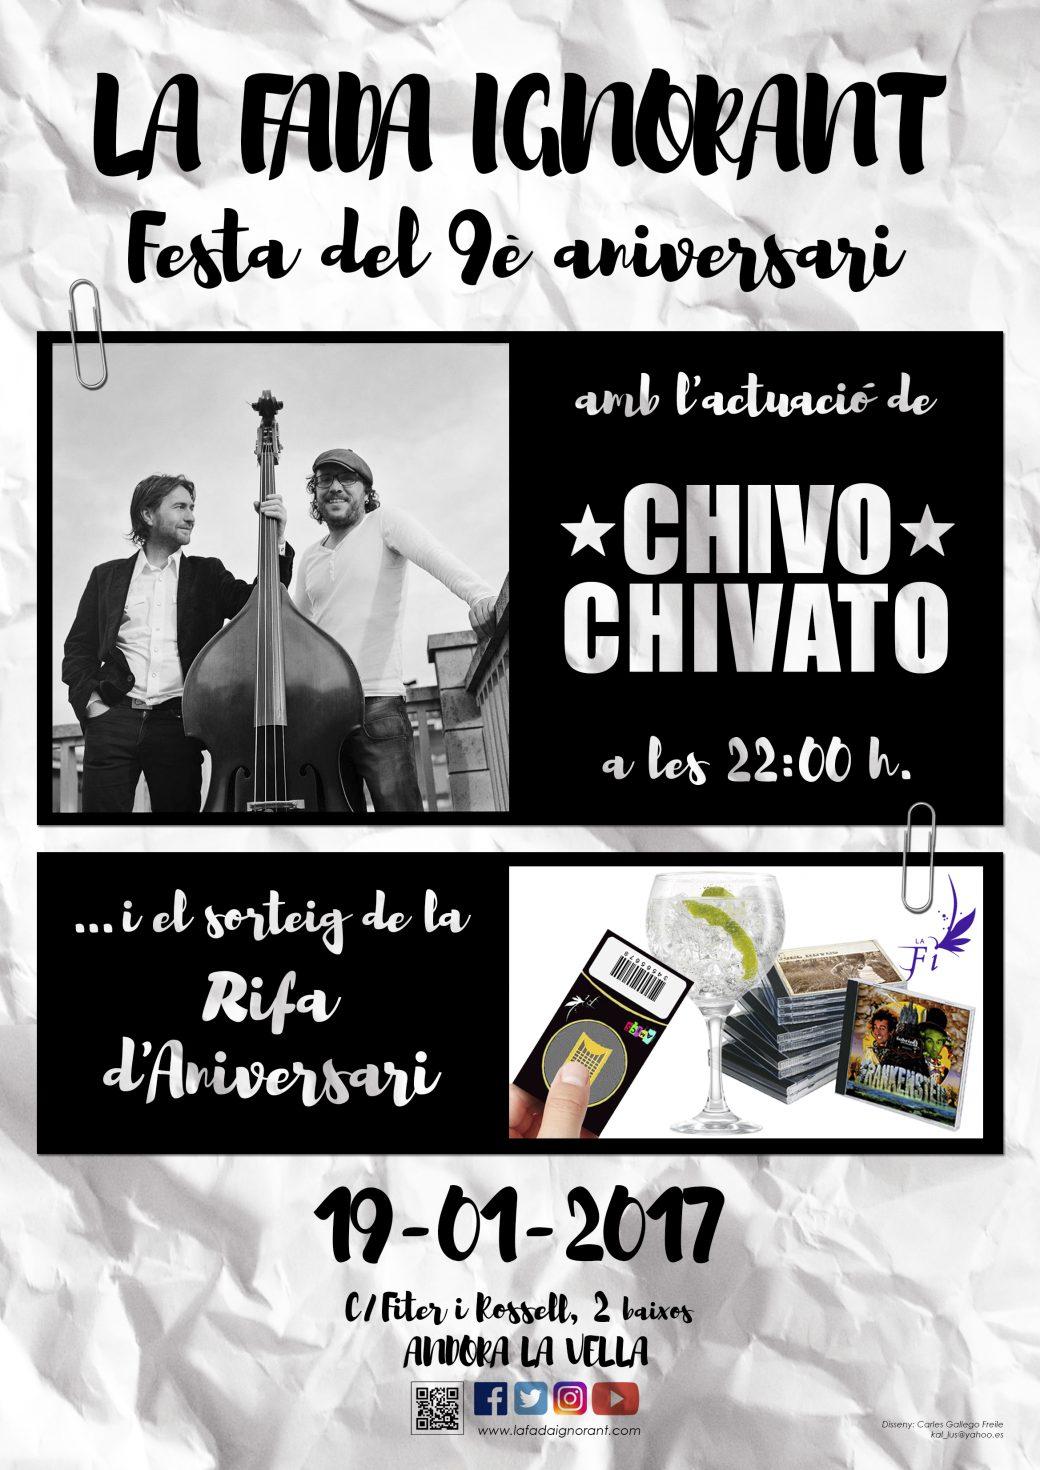 CARTELL-LA FADA-9_ANIVERSARI-CHIVO CHIVATO